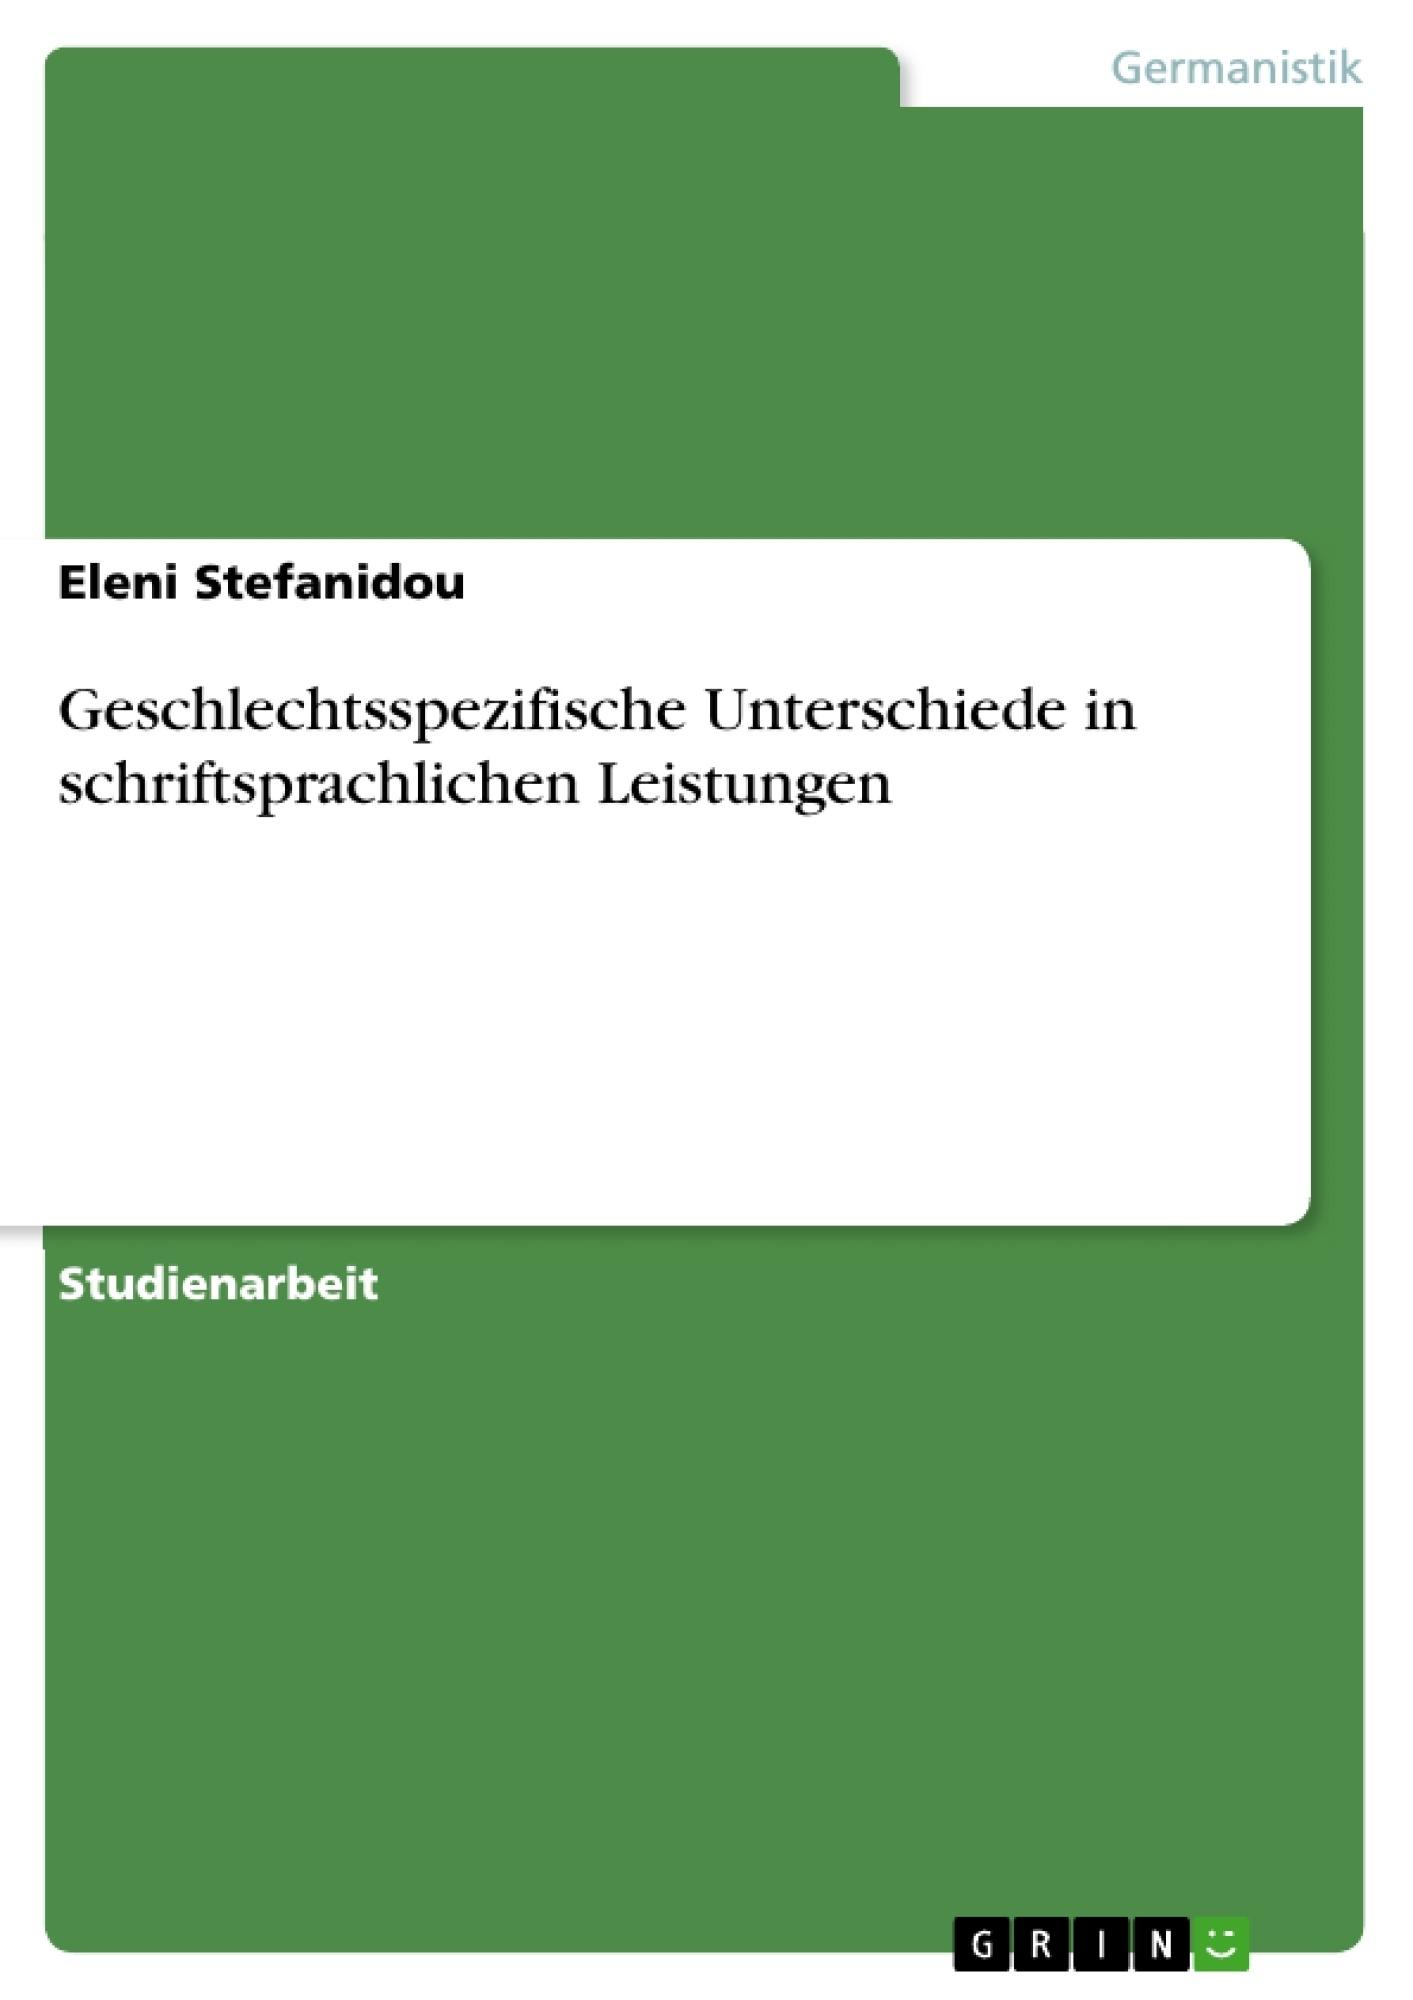 Titel: Geschlechtsspezifische Unterschiede in schriftsprachlichen Leistungen